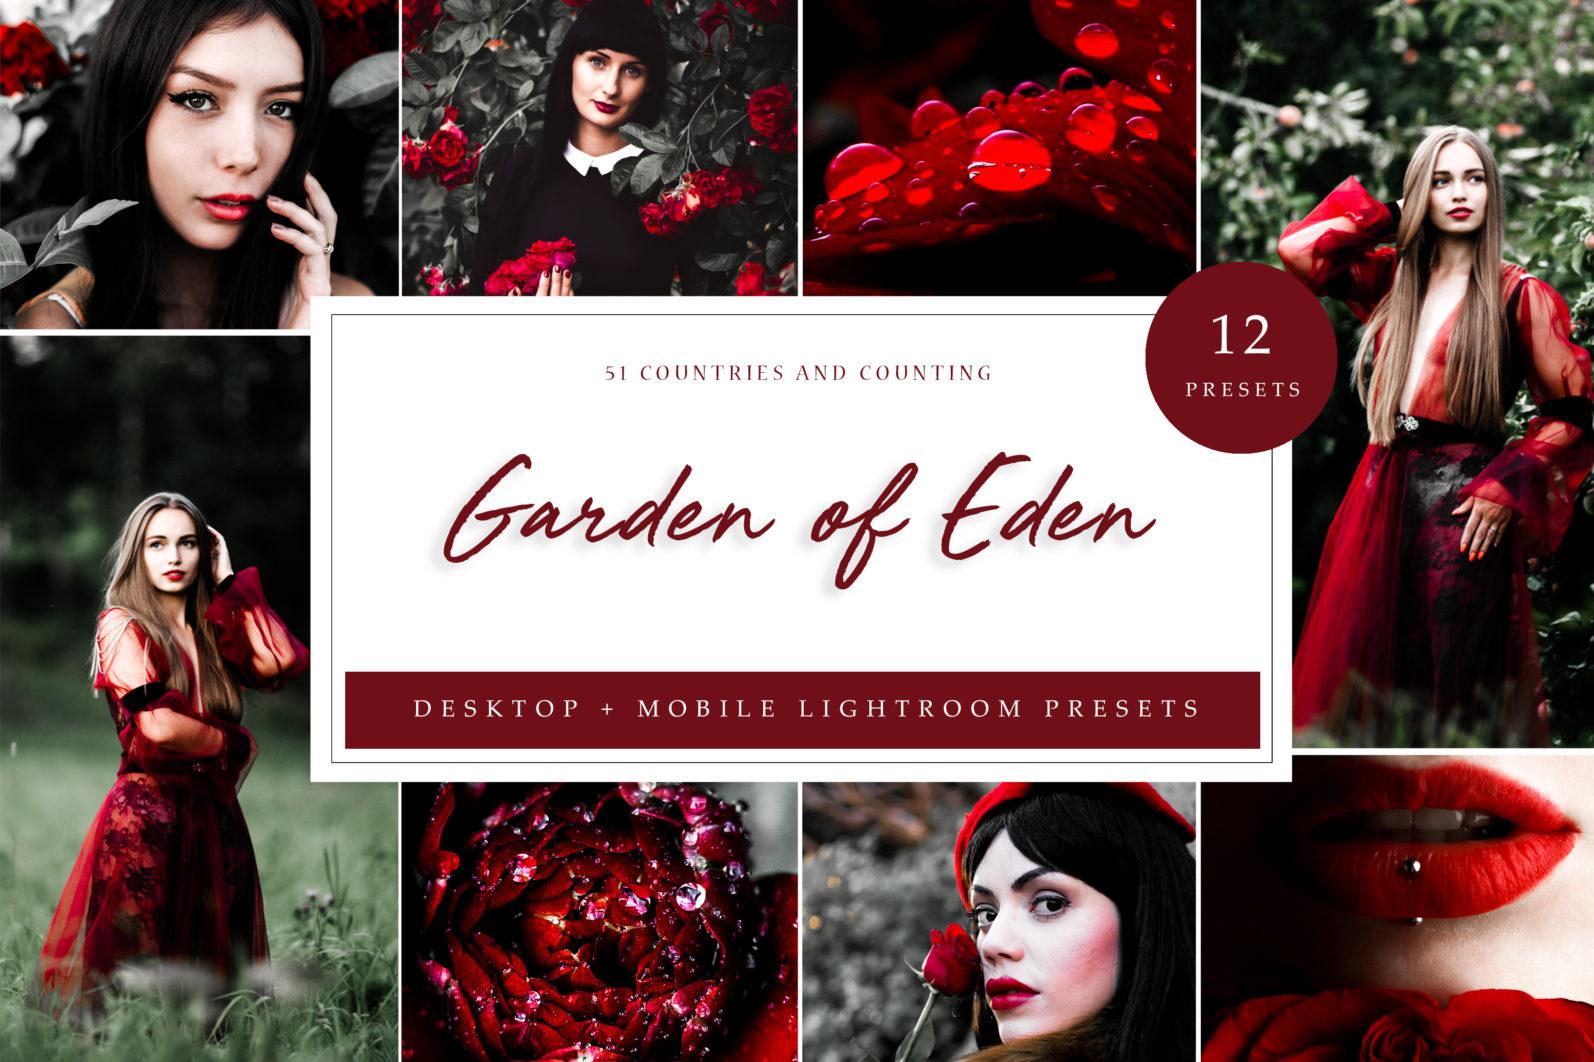 65 x Lightroom Presets (Mobile and Desktop Bundle) inspired by Spring - Eden Desktop scaled -